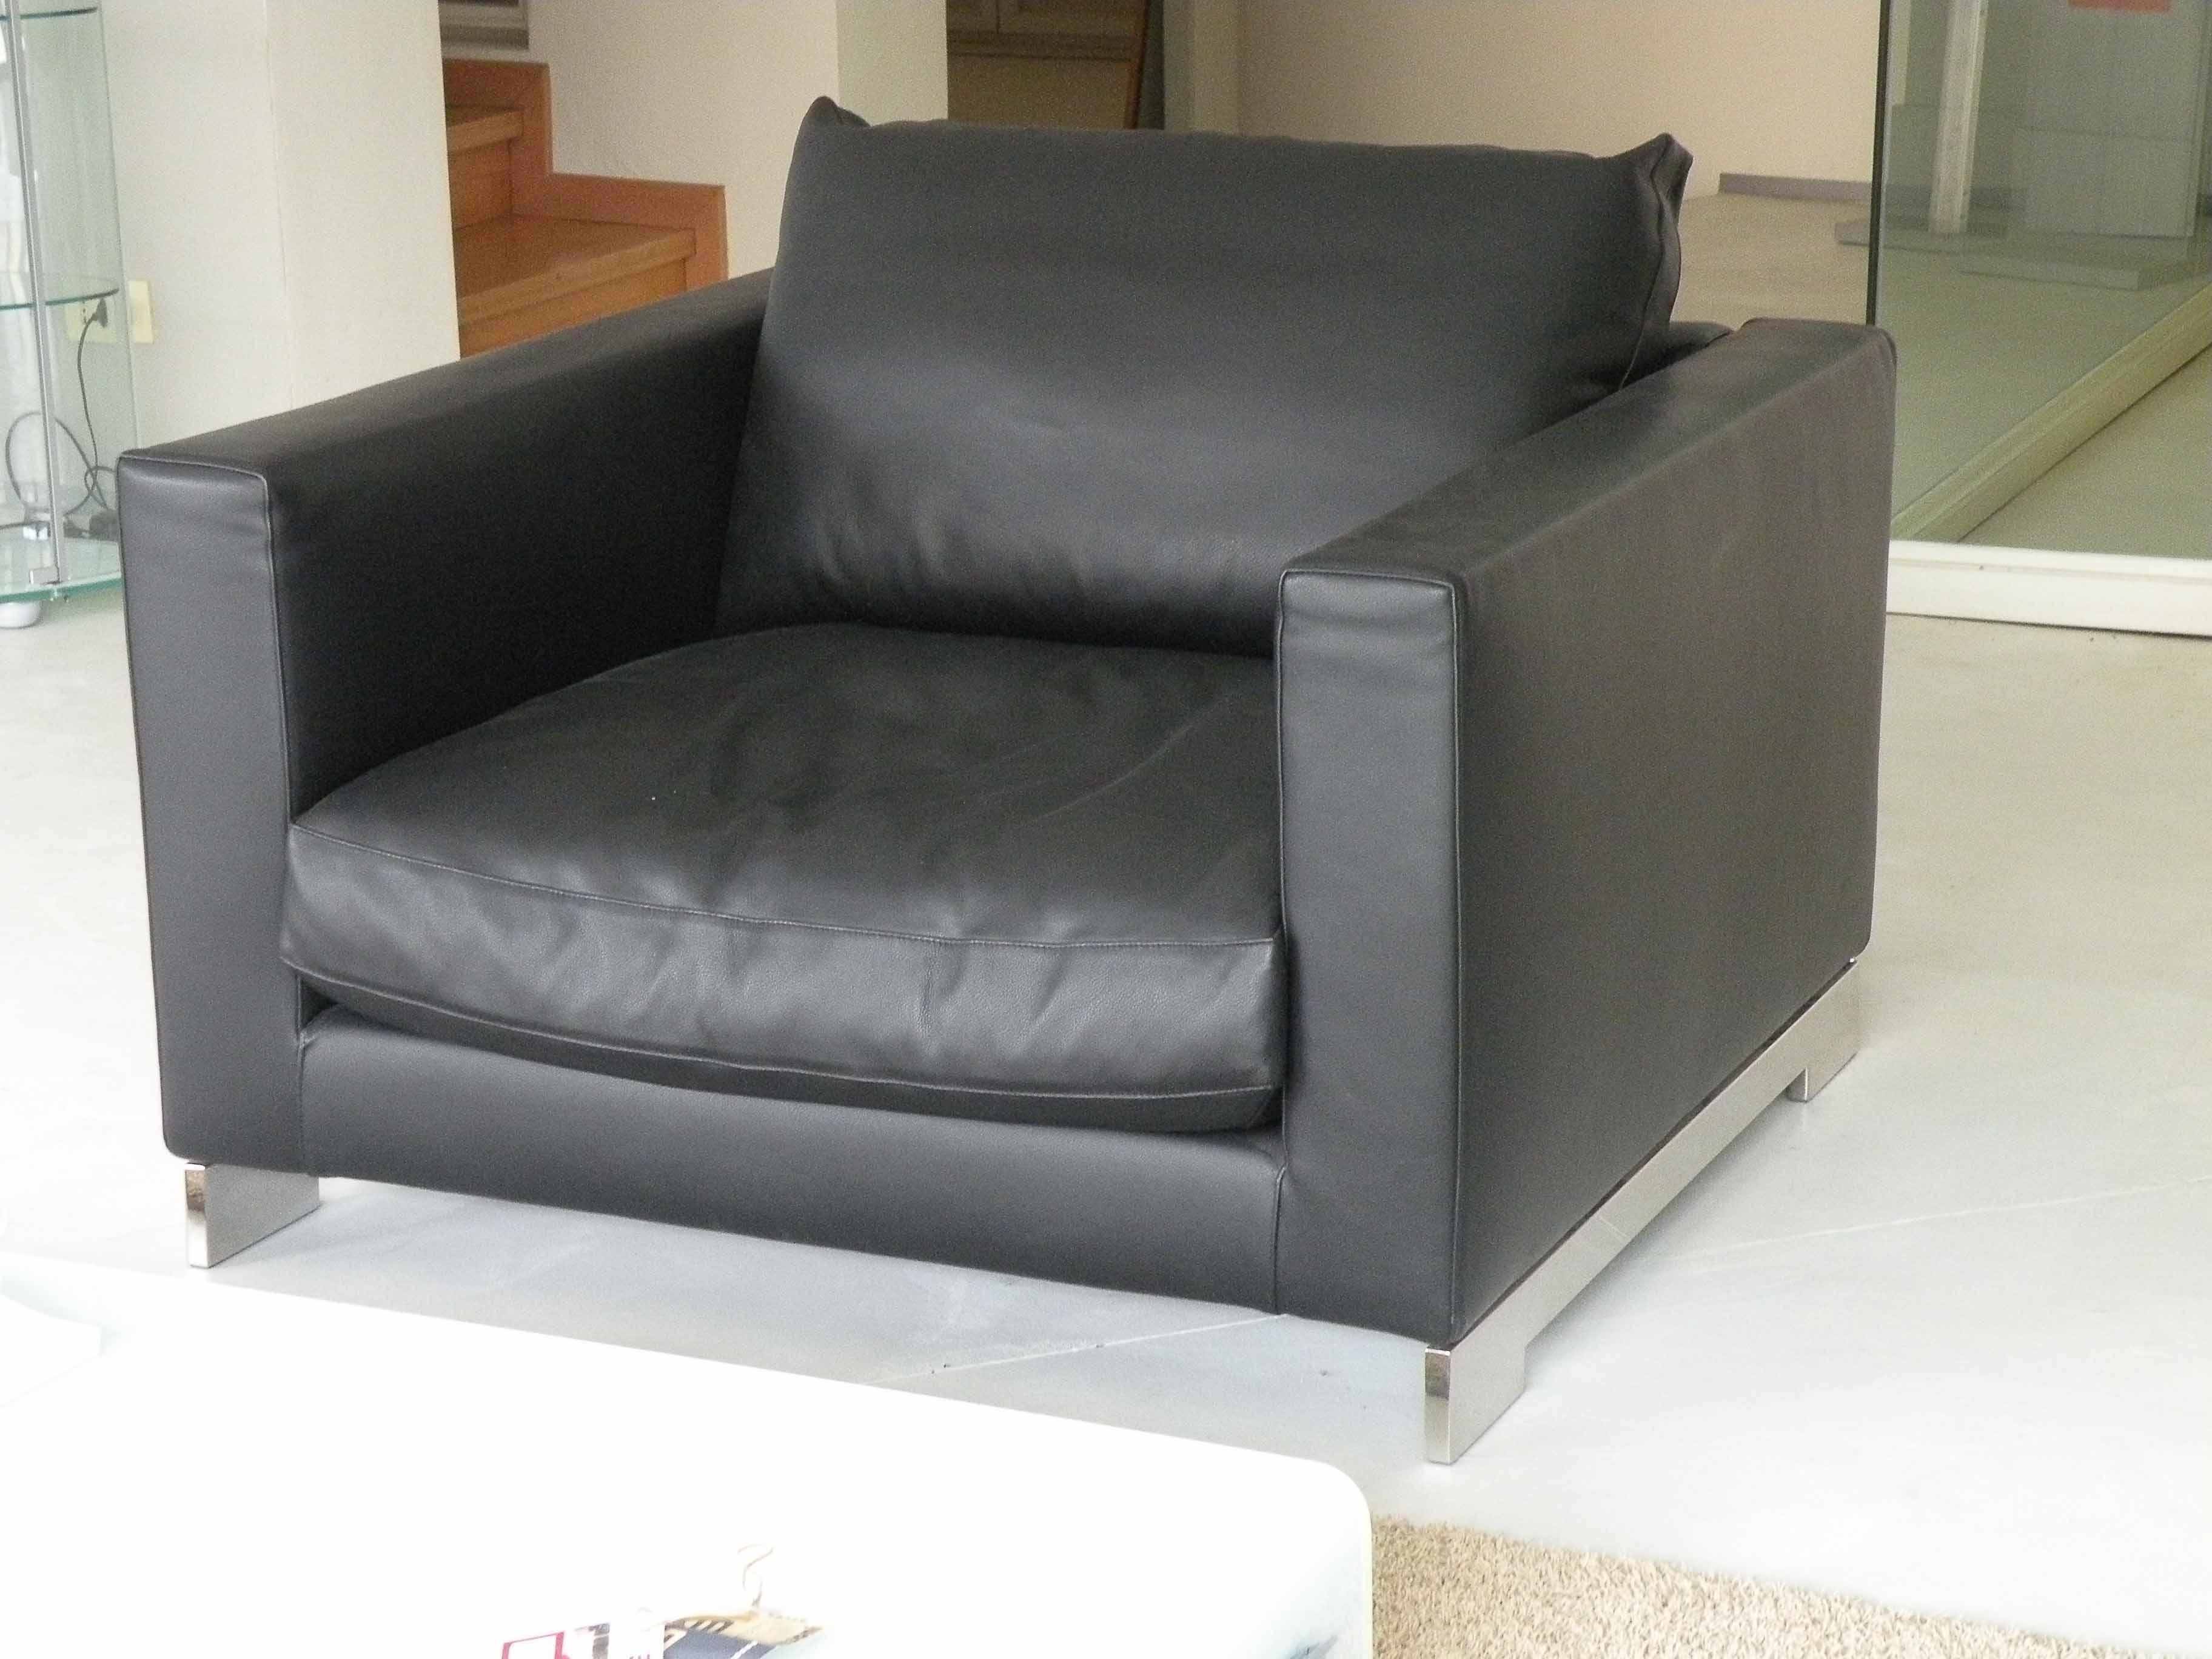 Molteni c divano reversi scontato del 69 divani a for Divano 69 euro